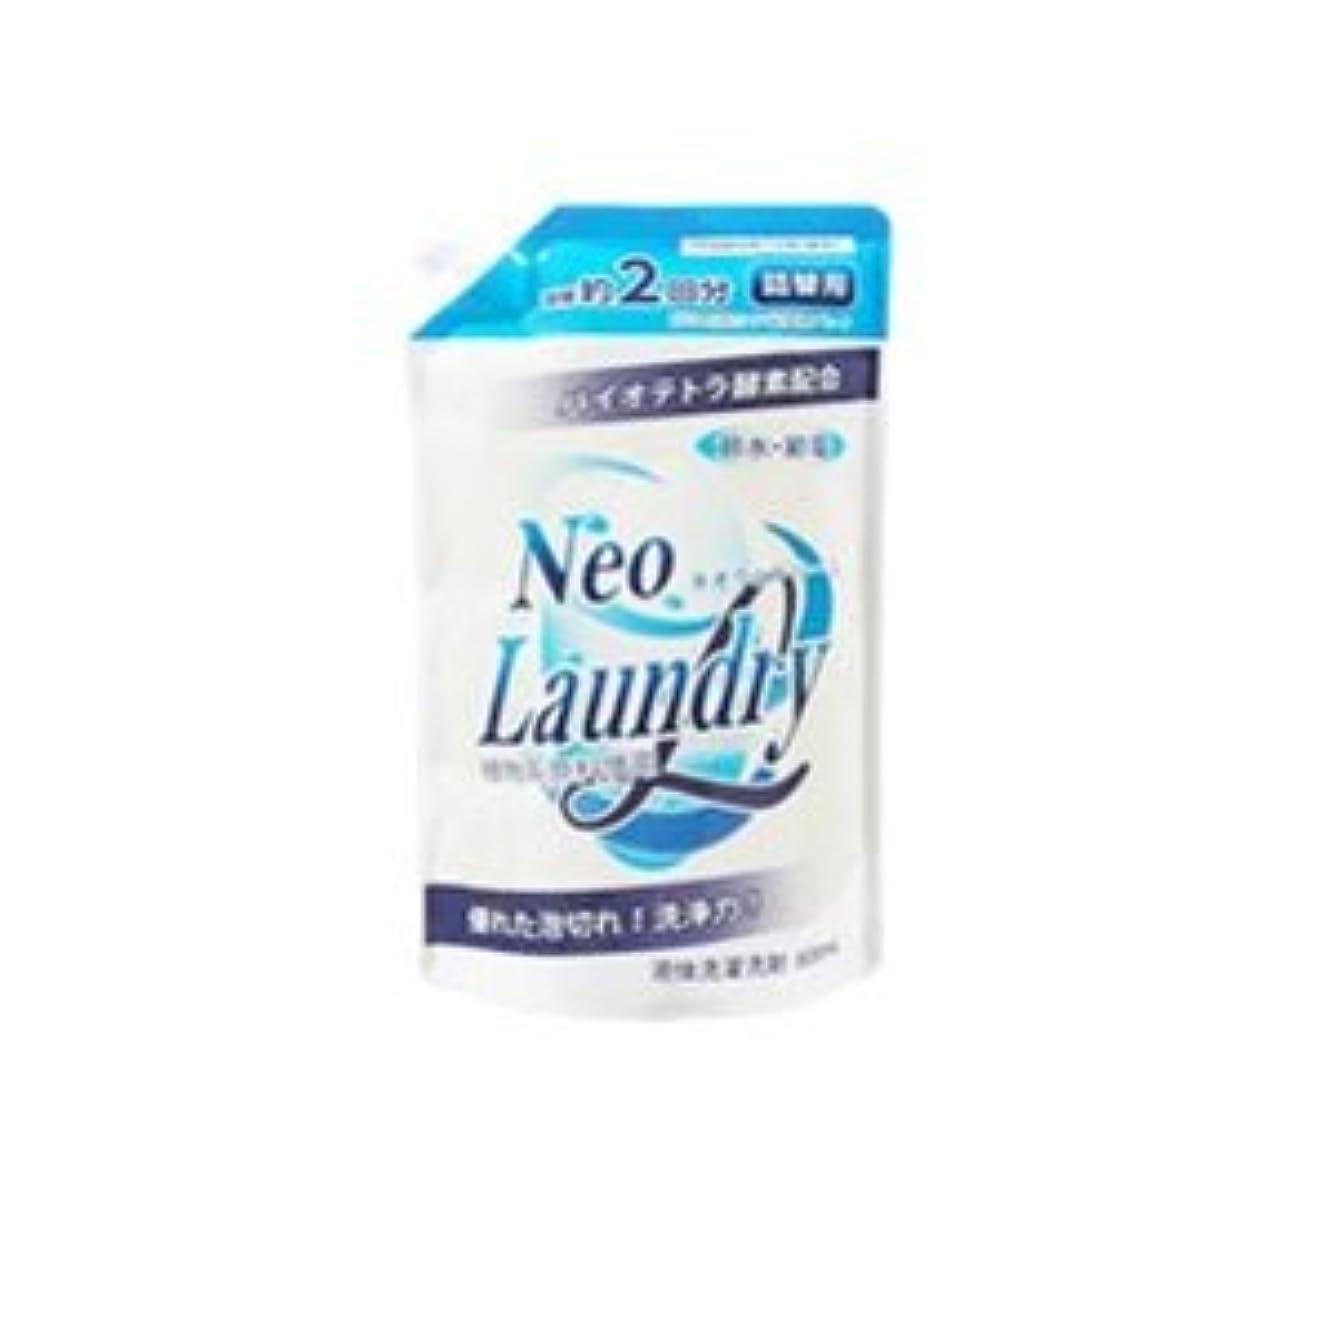 手入れ鰐許さない濃縮液体洗剤 除菌?消臭 ネオランドリーL 綿?麻?合成繊維などの衣類に 詰替用レフィル(800ml)